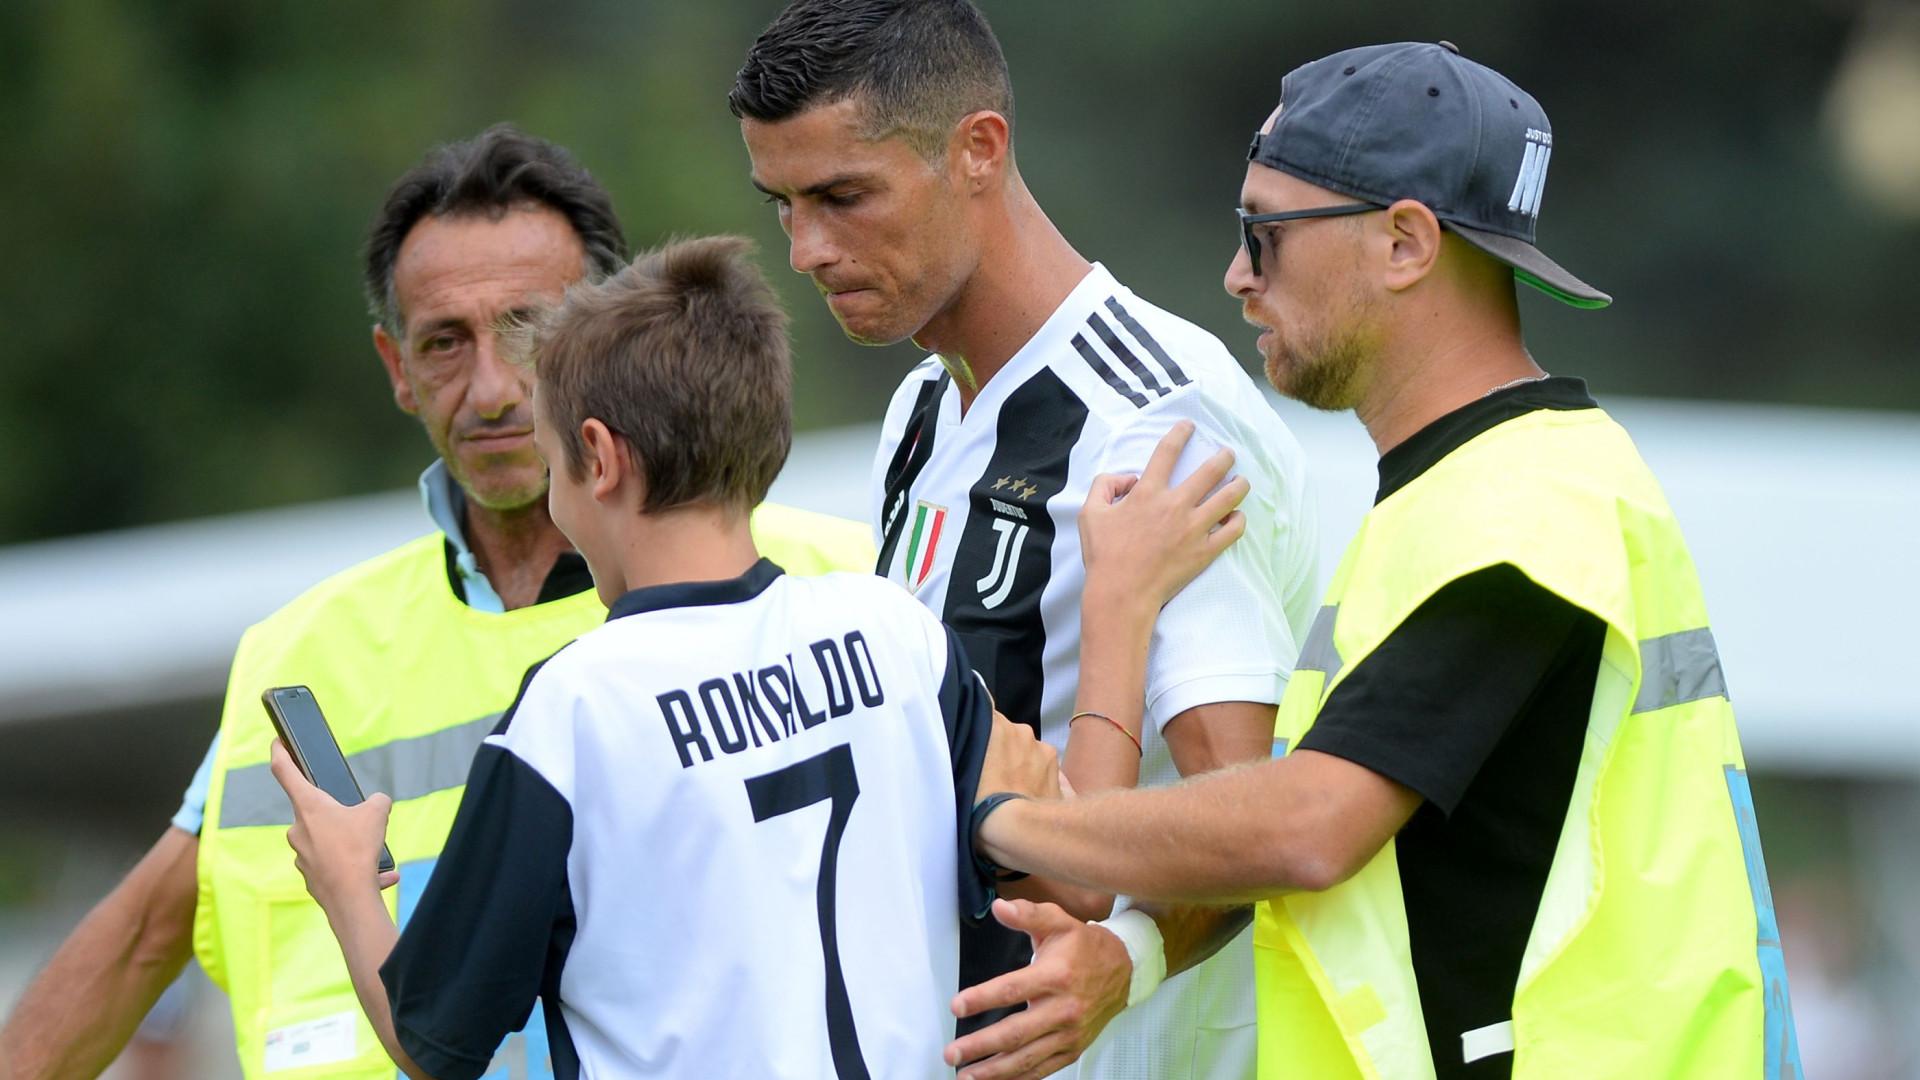 Estreia de Cristiano Ronaldo cancelada devido a invasão de campo